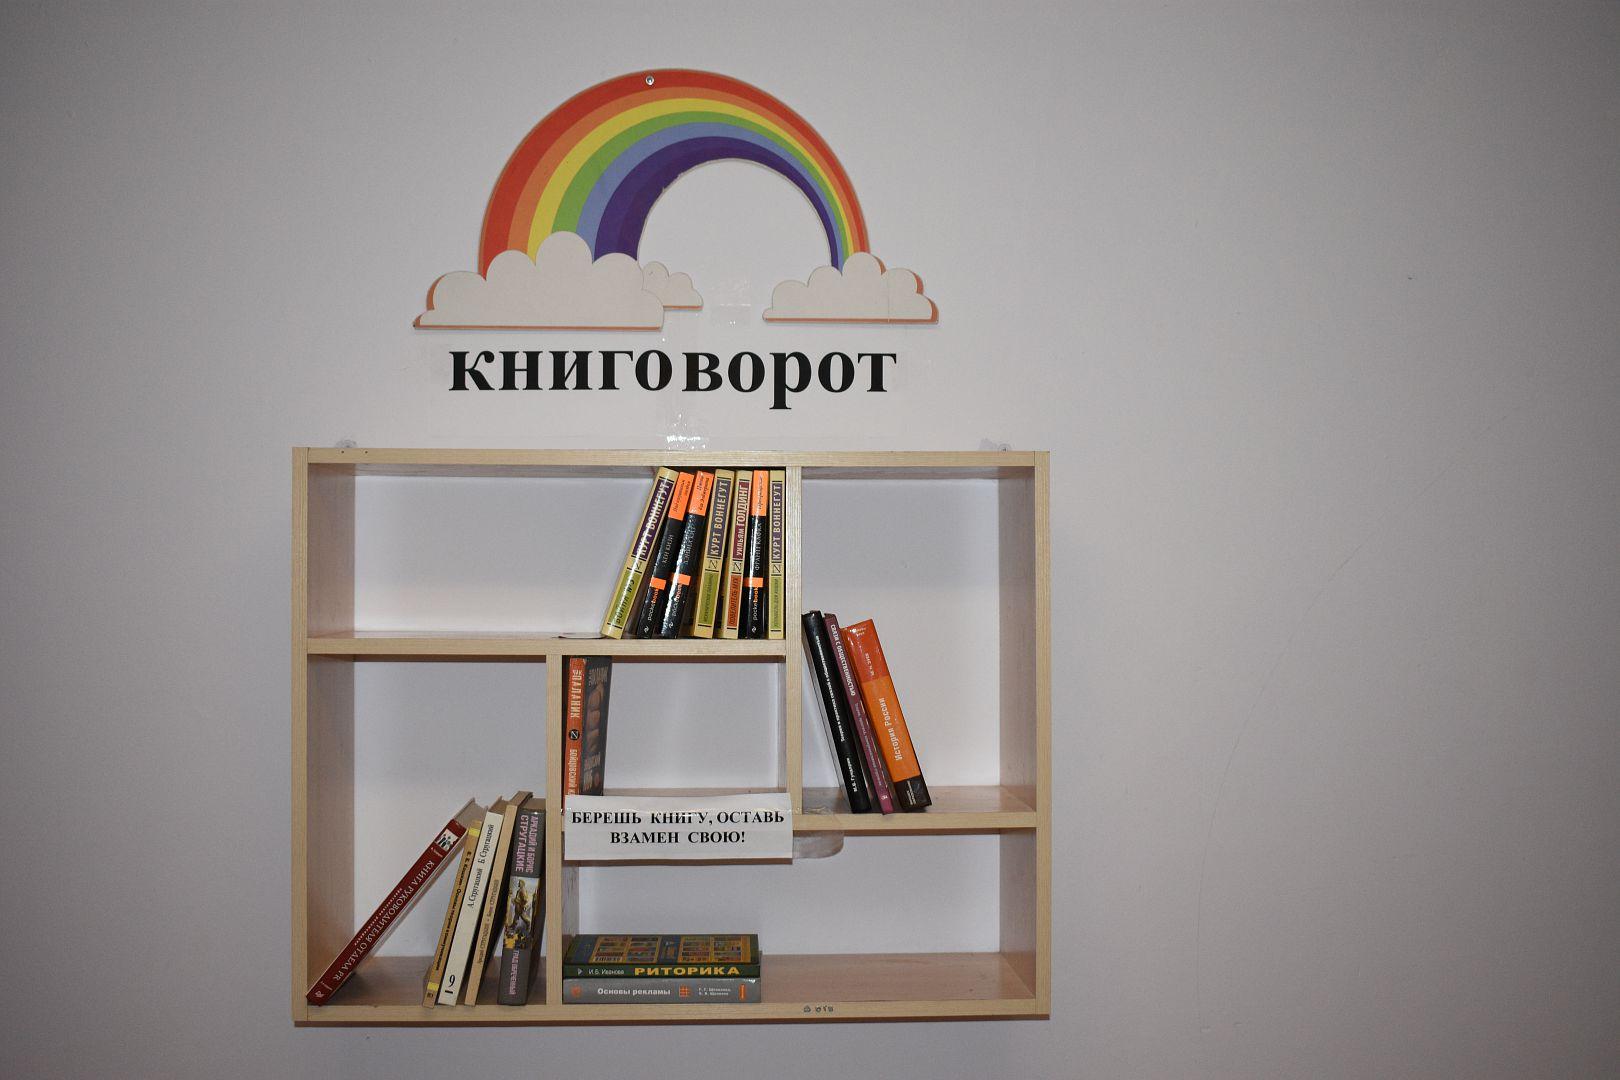 soset-uchit-ero-foto-obshezhitiy-ogromnuyu-babu